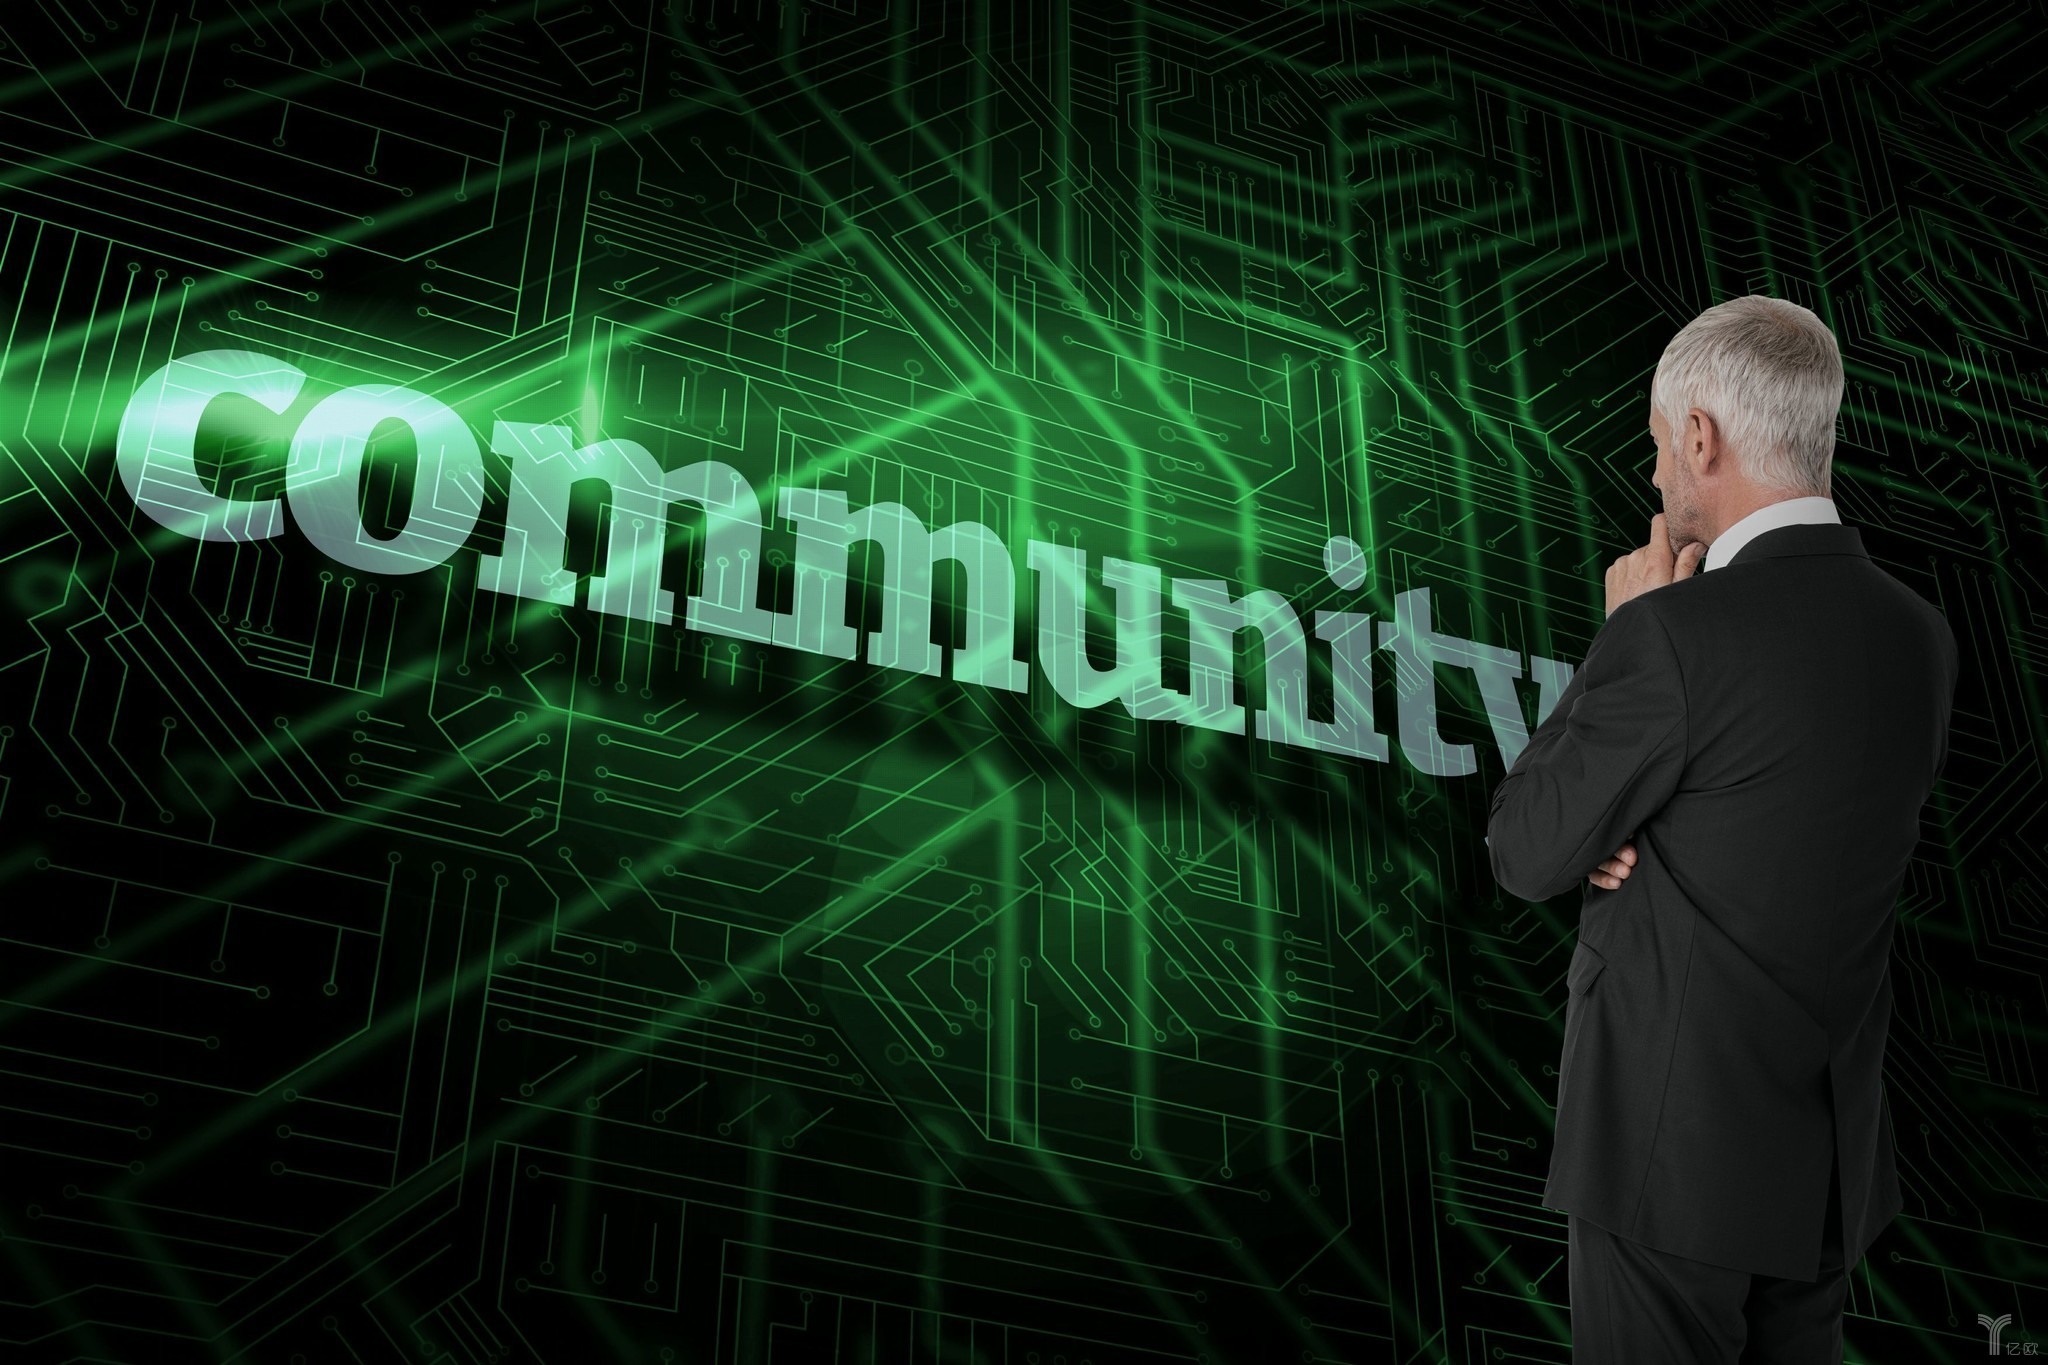 政府助力智慧社区建设